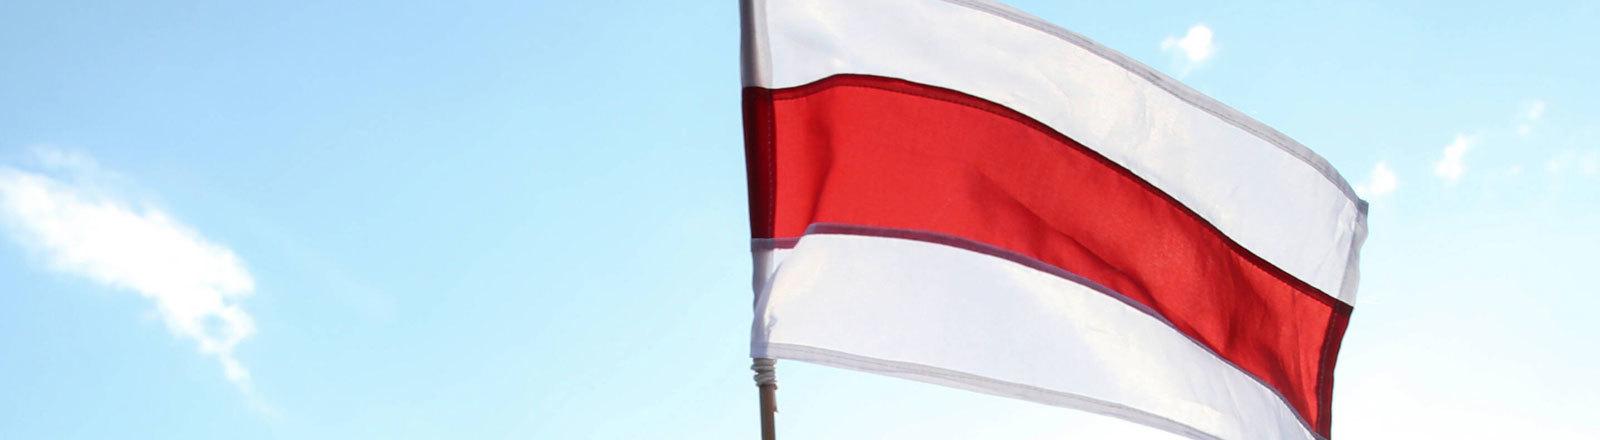 Flagge Belarus